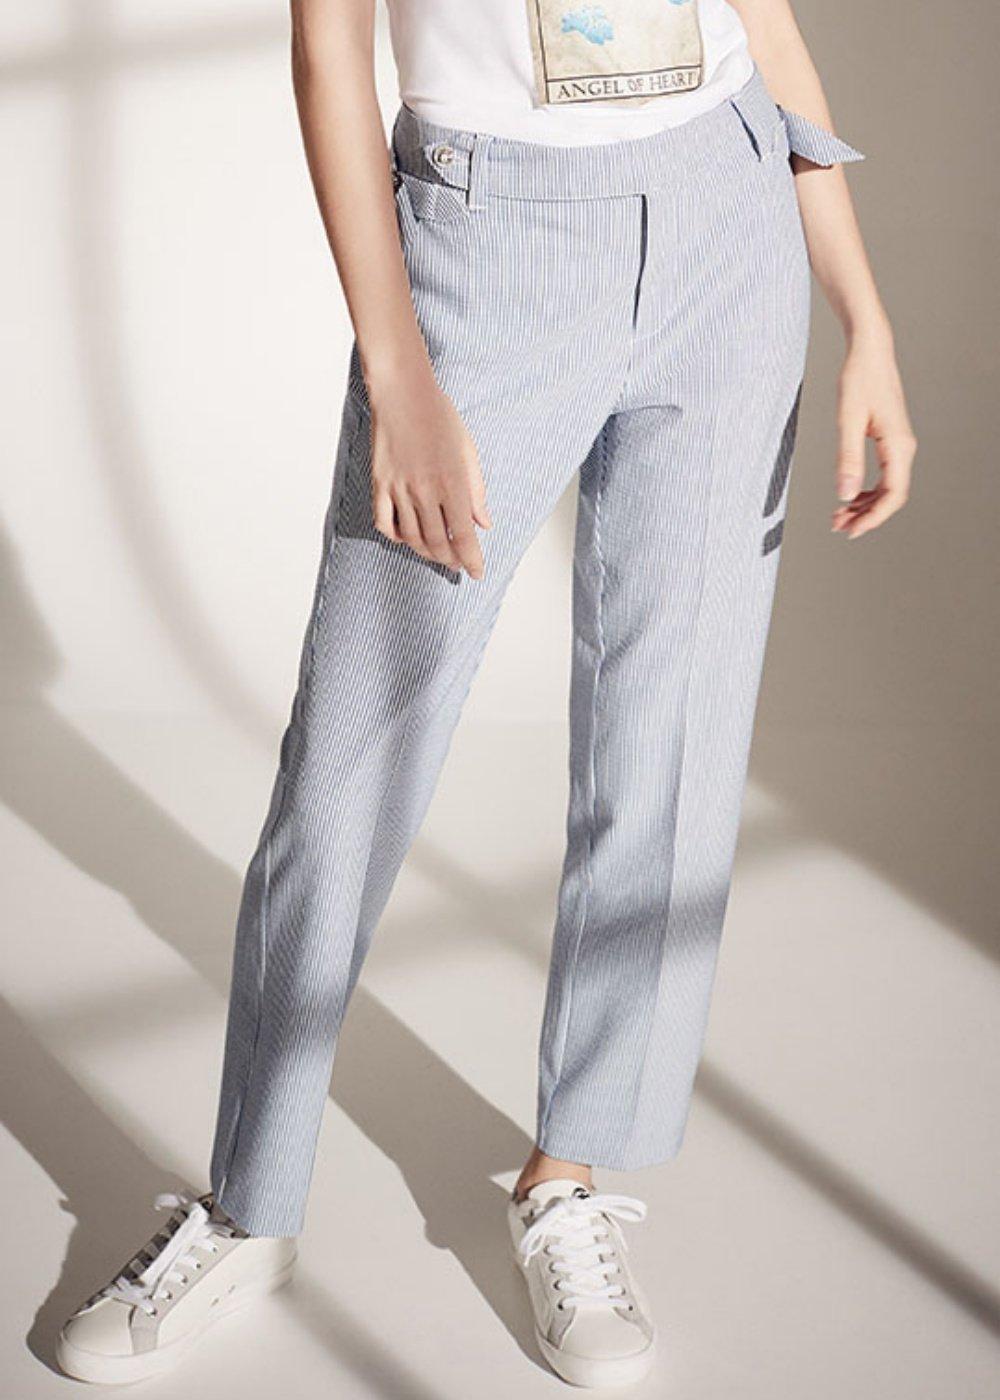 Pantalone Alice gamba slim - Nettuno / White Stripes - Donna